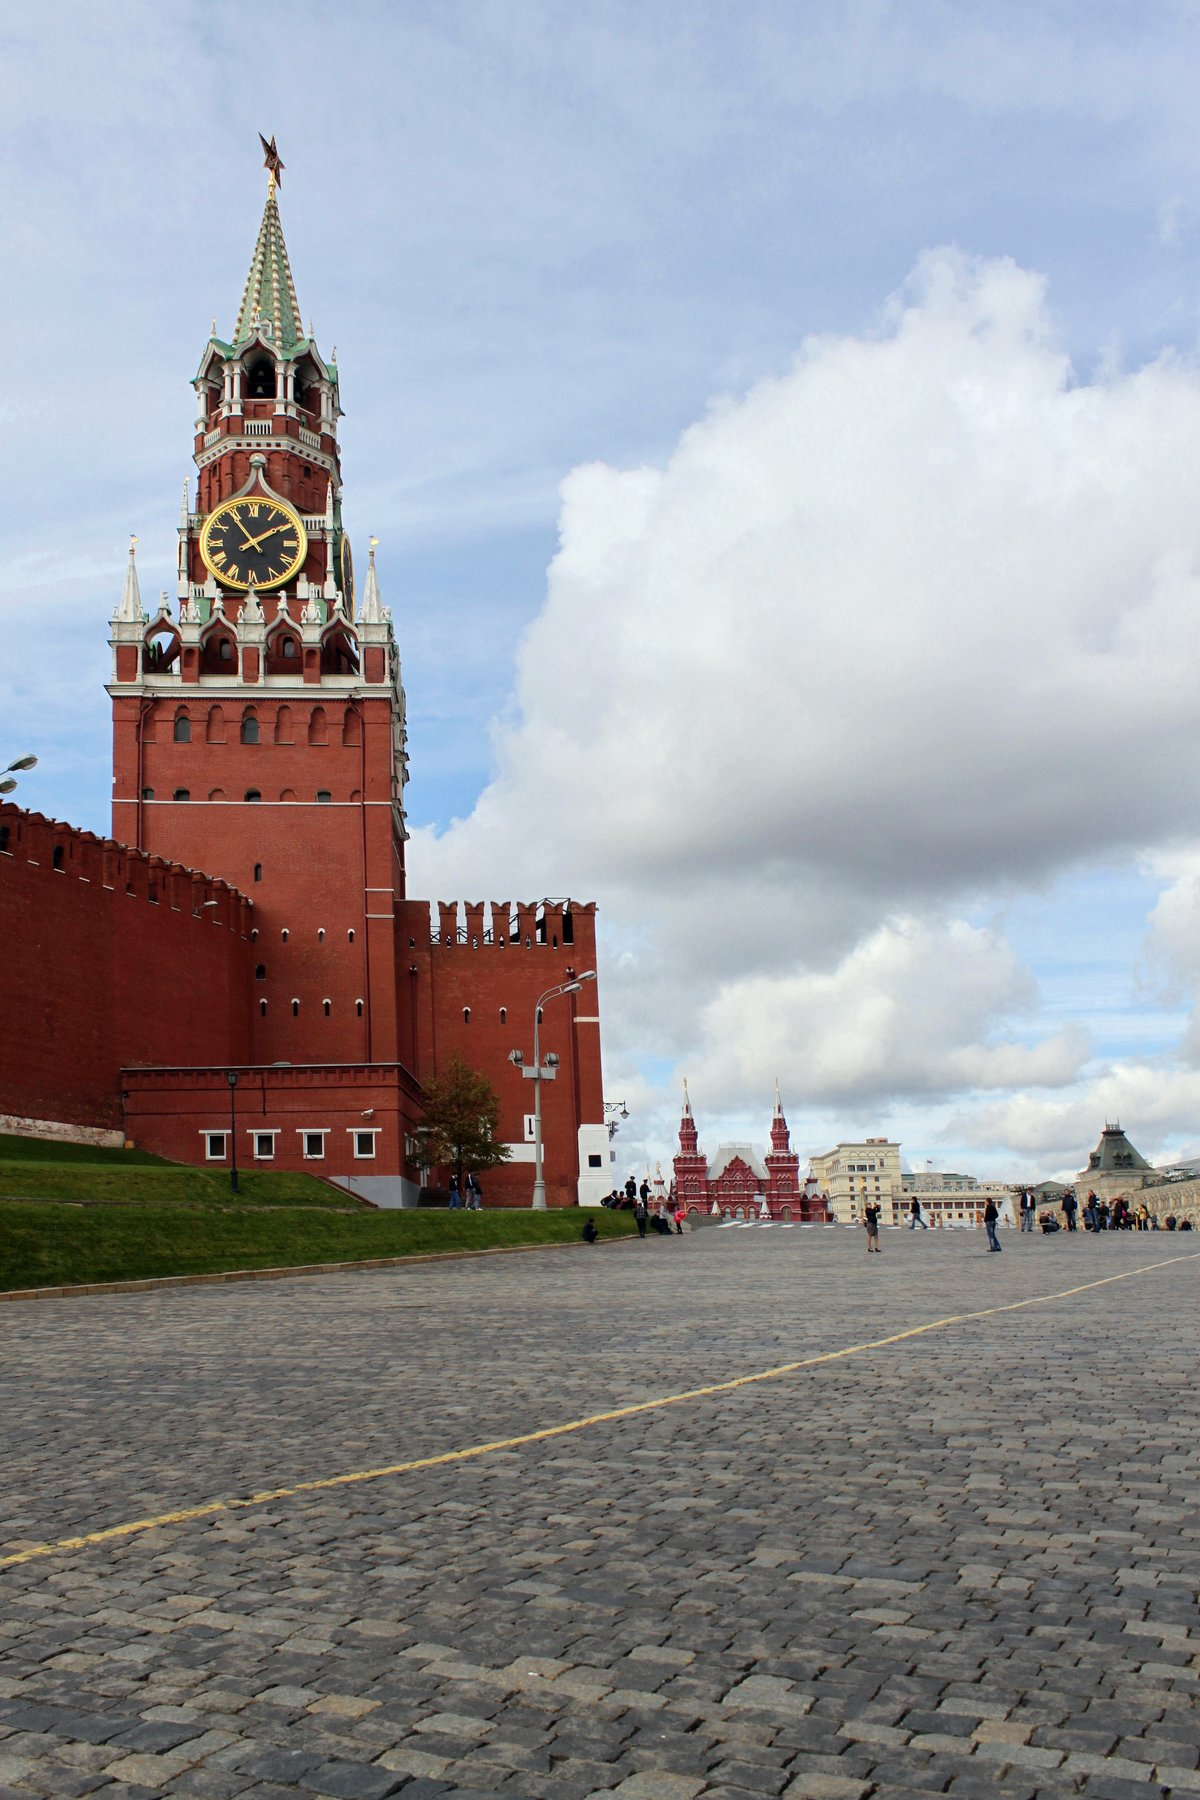 заказ как поставить свое фото фон кремля операции